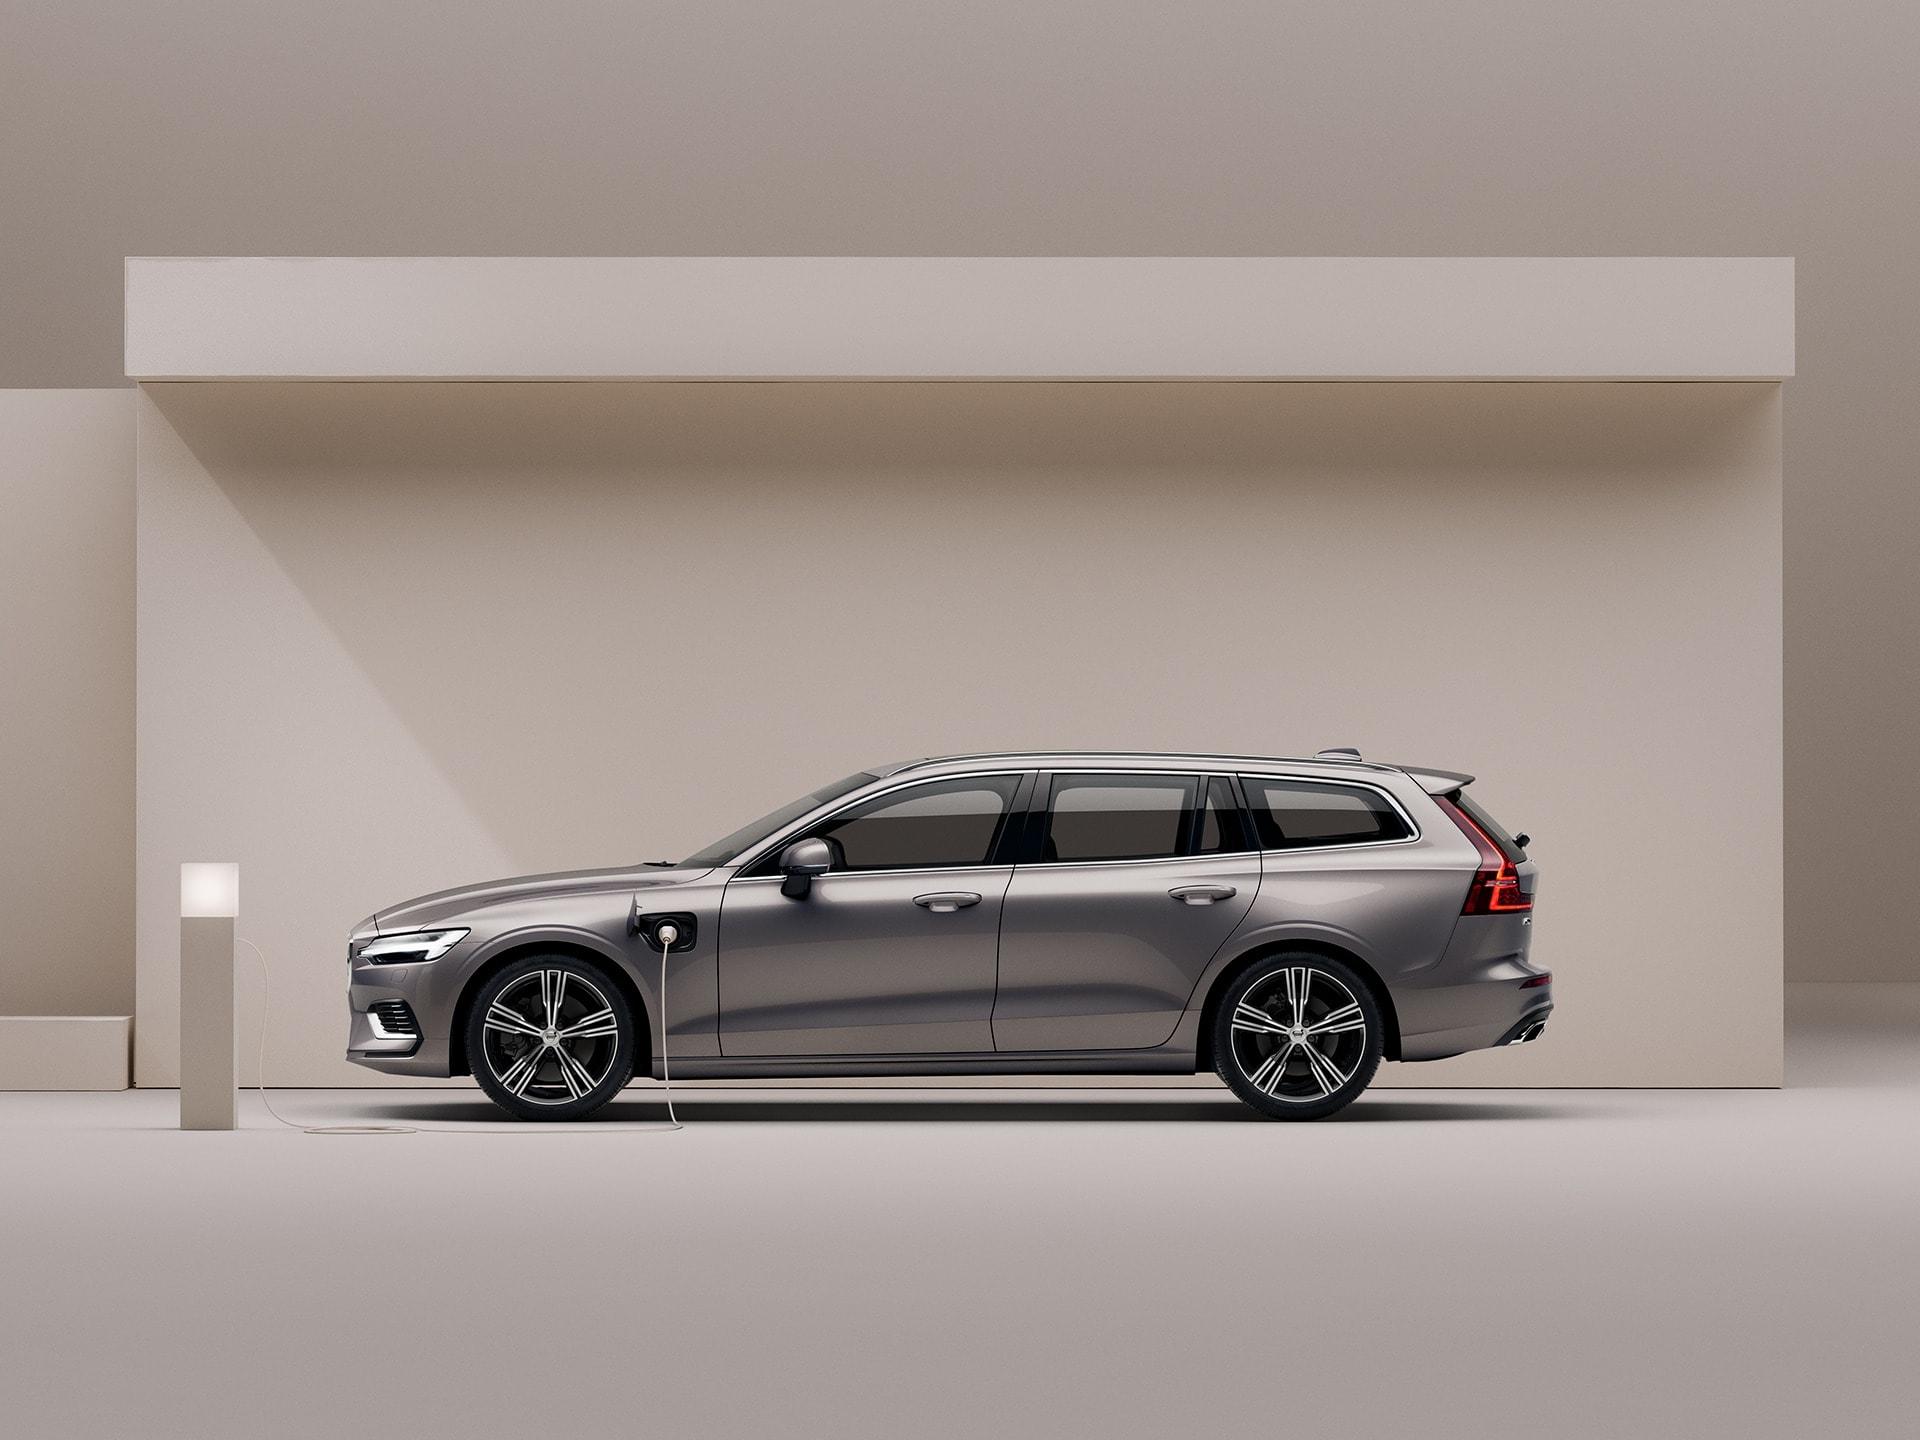 Ein beigefarbener Volvo V60 Recharge in einer beigefarbenen Umgebung.